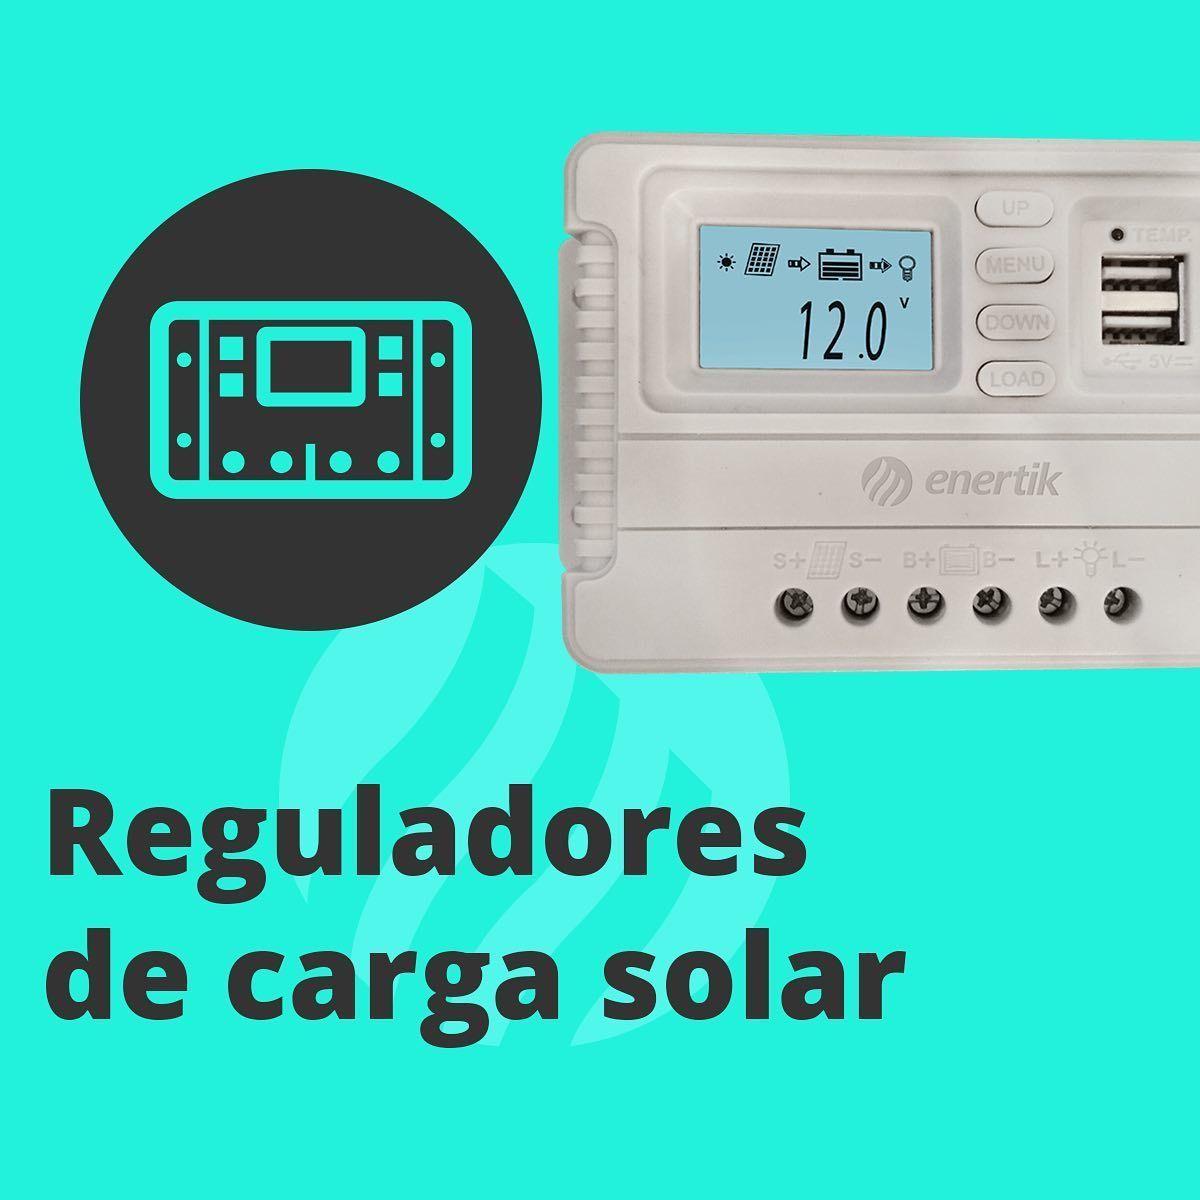 Reguladores De Carga Solar Disponibles En Pwm Y Mppt Precios Y Características En Https Enertik Cl Regulador Energía Renovable Energía Solar Celdas Solares